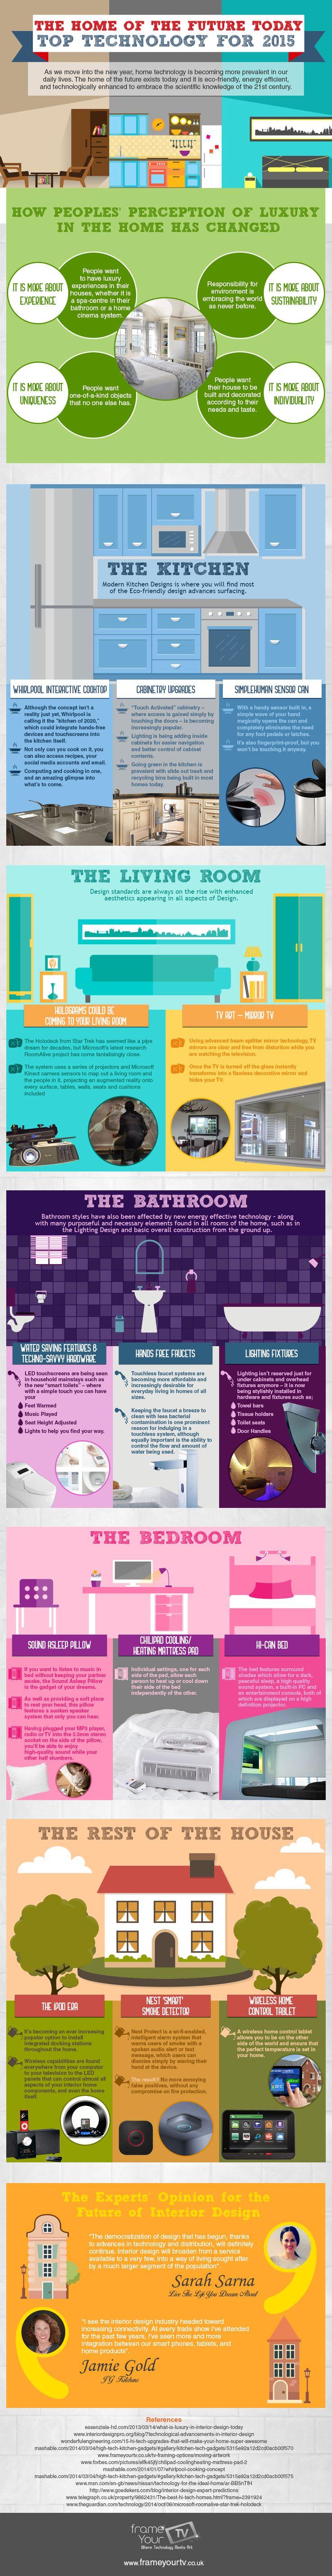 Modern Home Technology Best 25 Smart Home Technology Ideas On Pinterest  Smart House